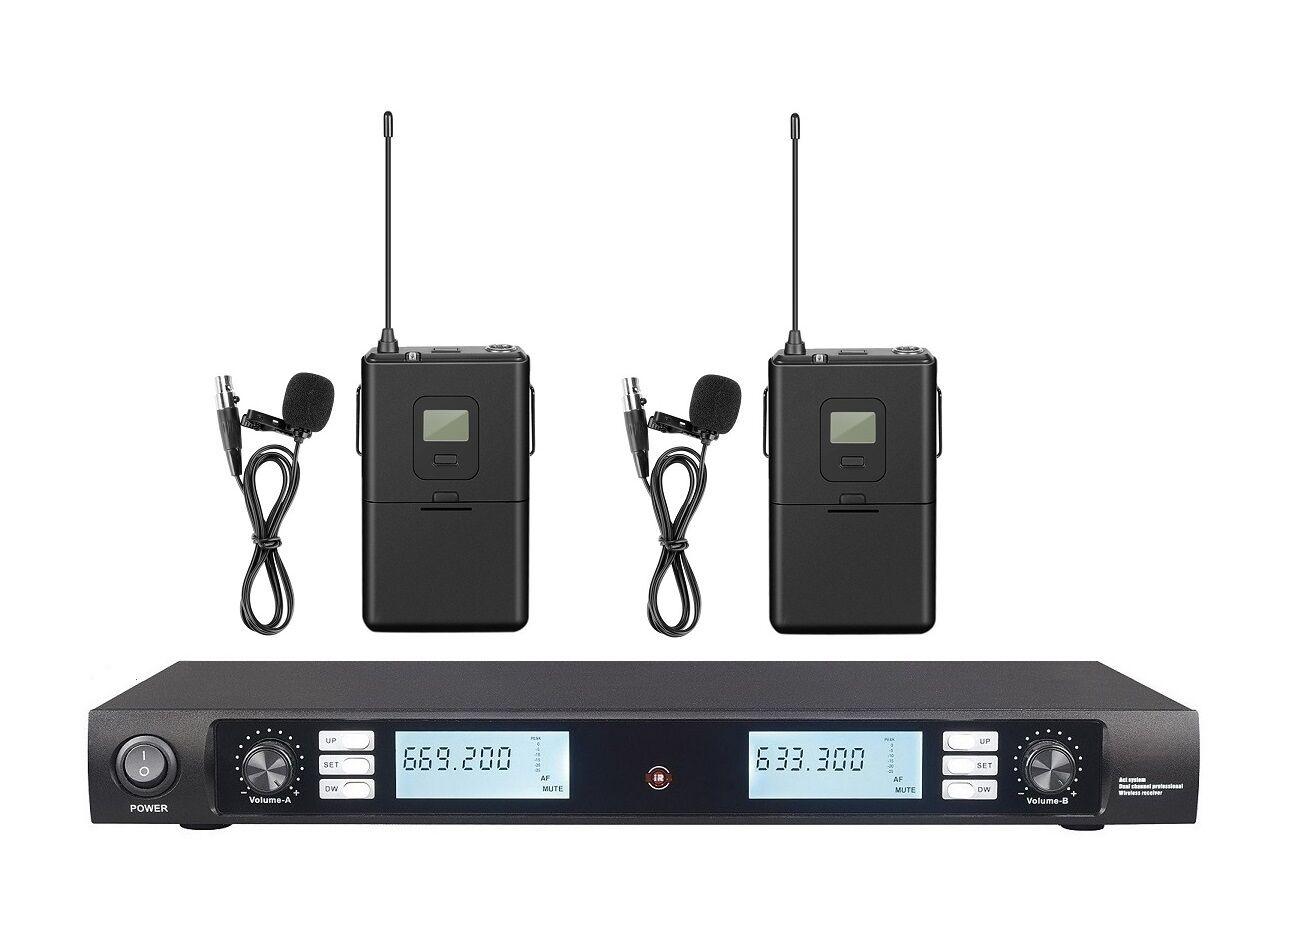 Collar de micrófono inalámbrico UHF doble doble doble sistema de micrófono de solapa inalámbrico con solapa  ahorrar en el despacho